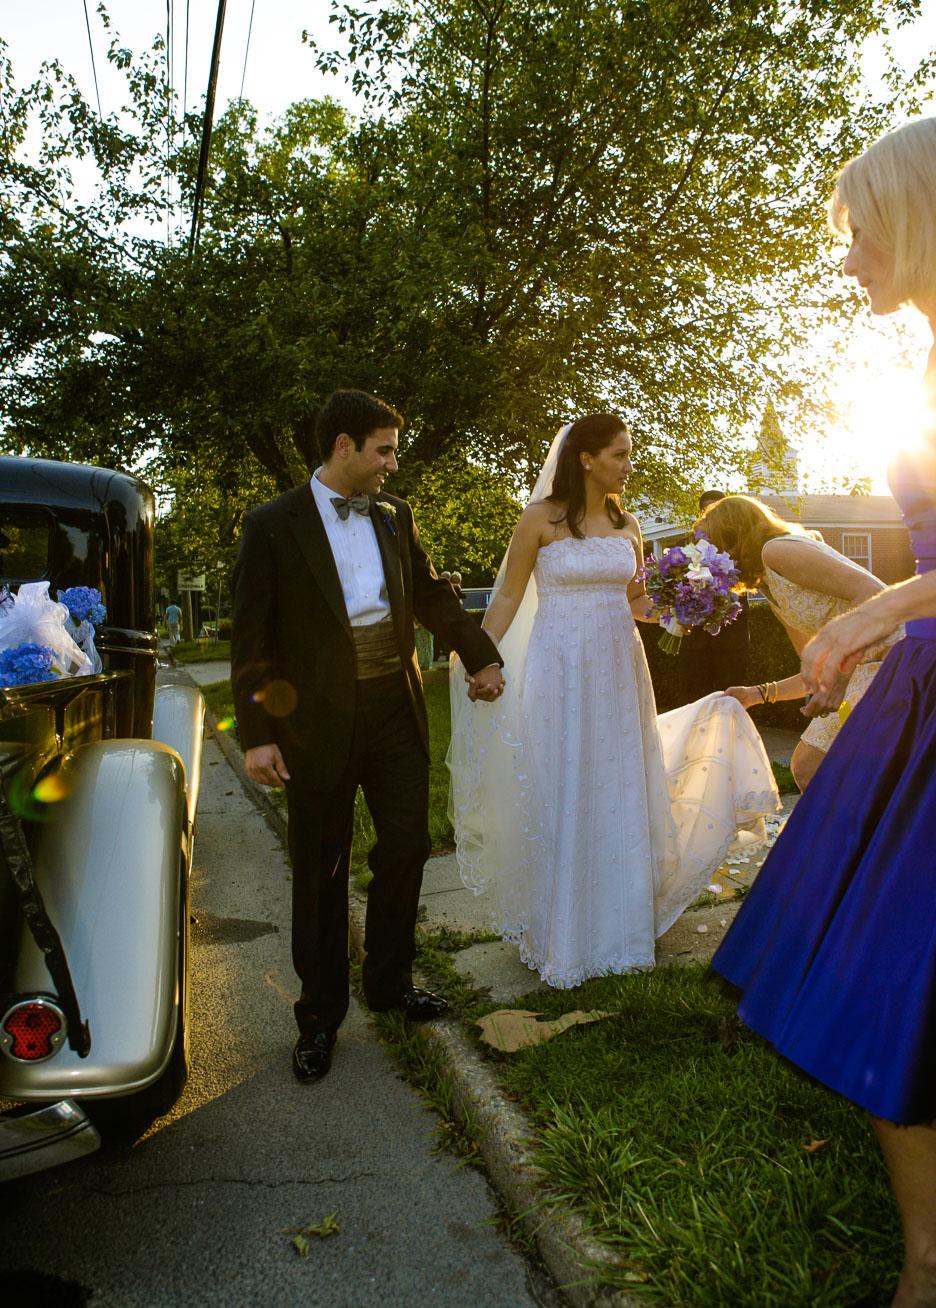 Hamptons-wedding-beach-28.jpg